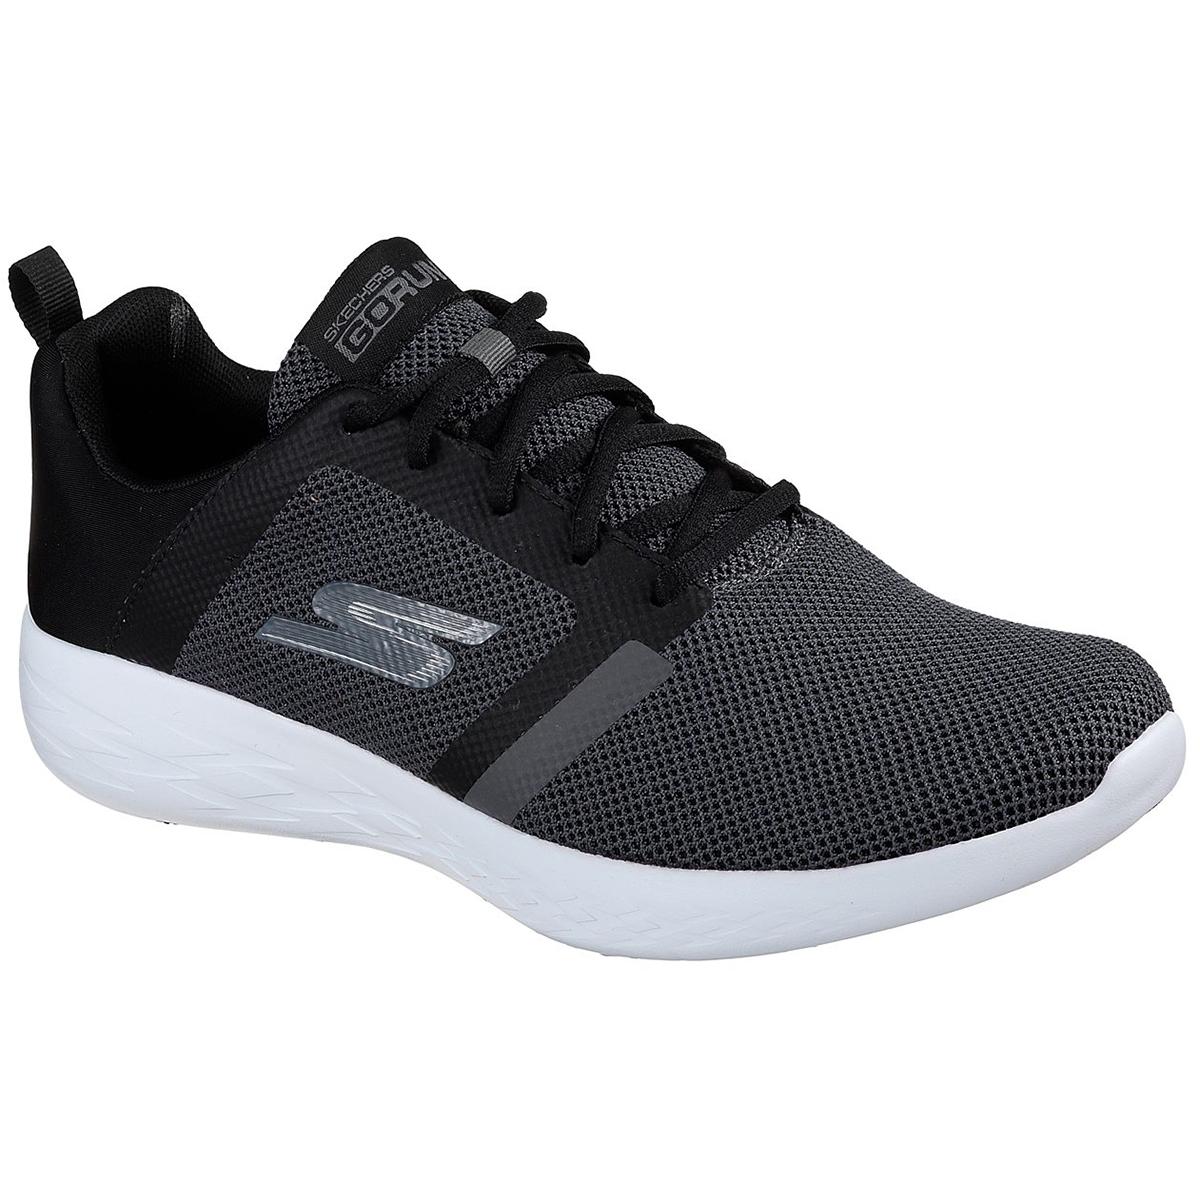 Skechers Men's Go Run 600 - Revel Running Shoes - Black, 9.5